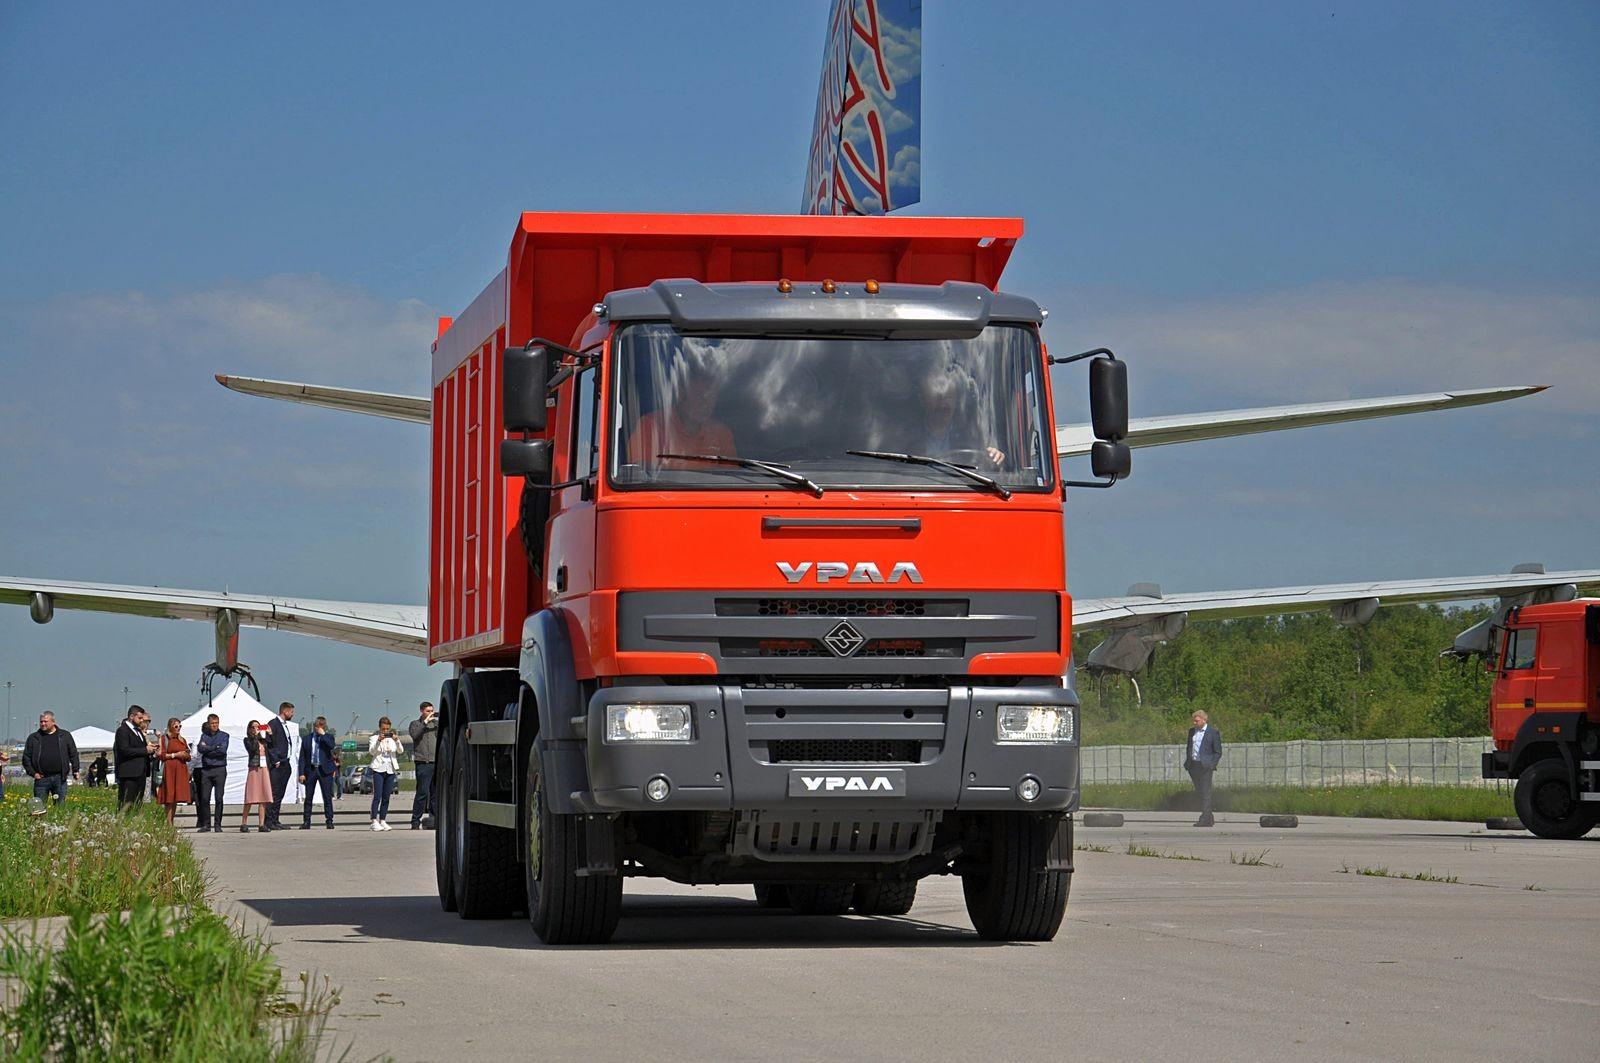 С итальянской кабиной и китайскими мостами: тест «городского» бескапотного Урала С35510 6x4